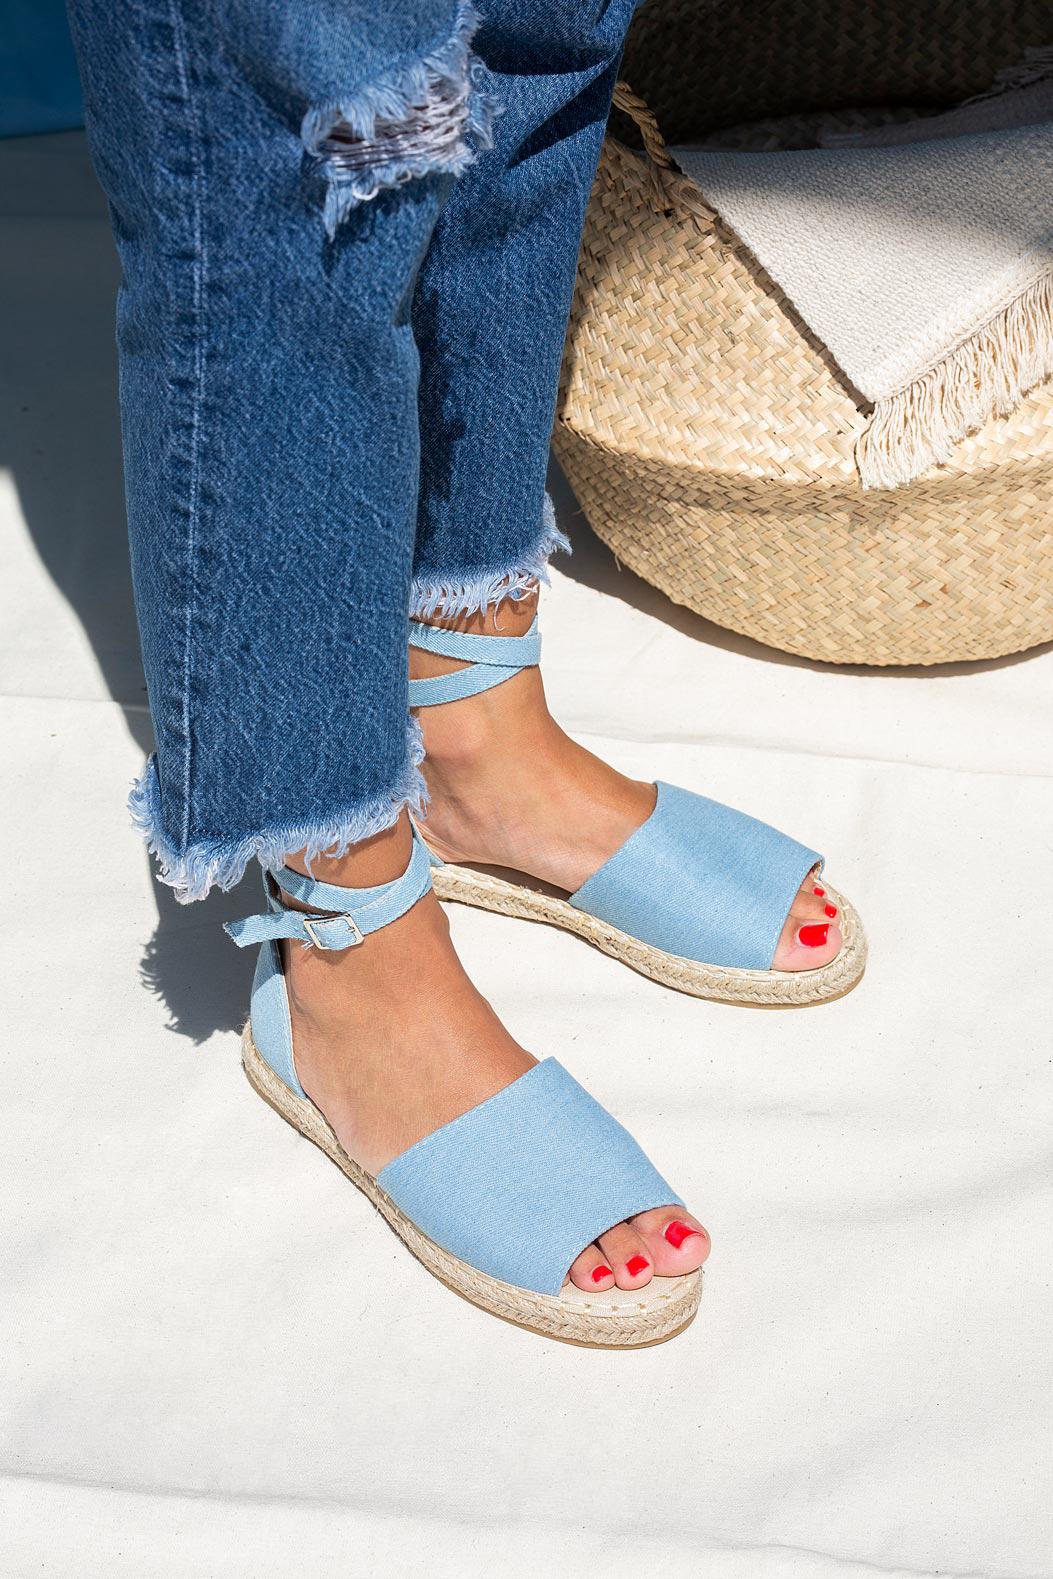 Niebieskie sandały espadryle jeansowe z zakrytą piętą i paskiem wokół kostki Casu A20X5/LB jasny niebieski